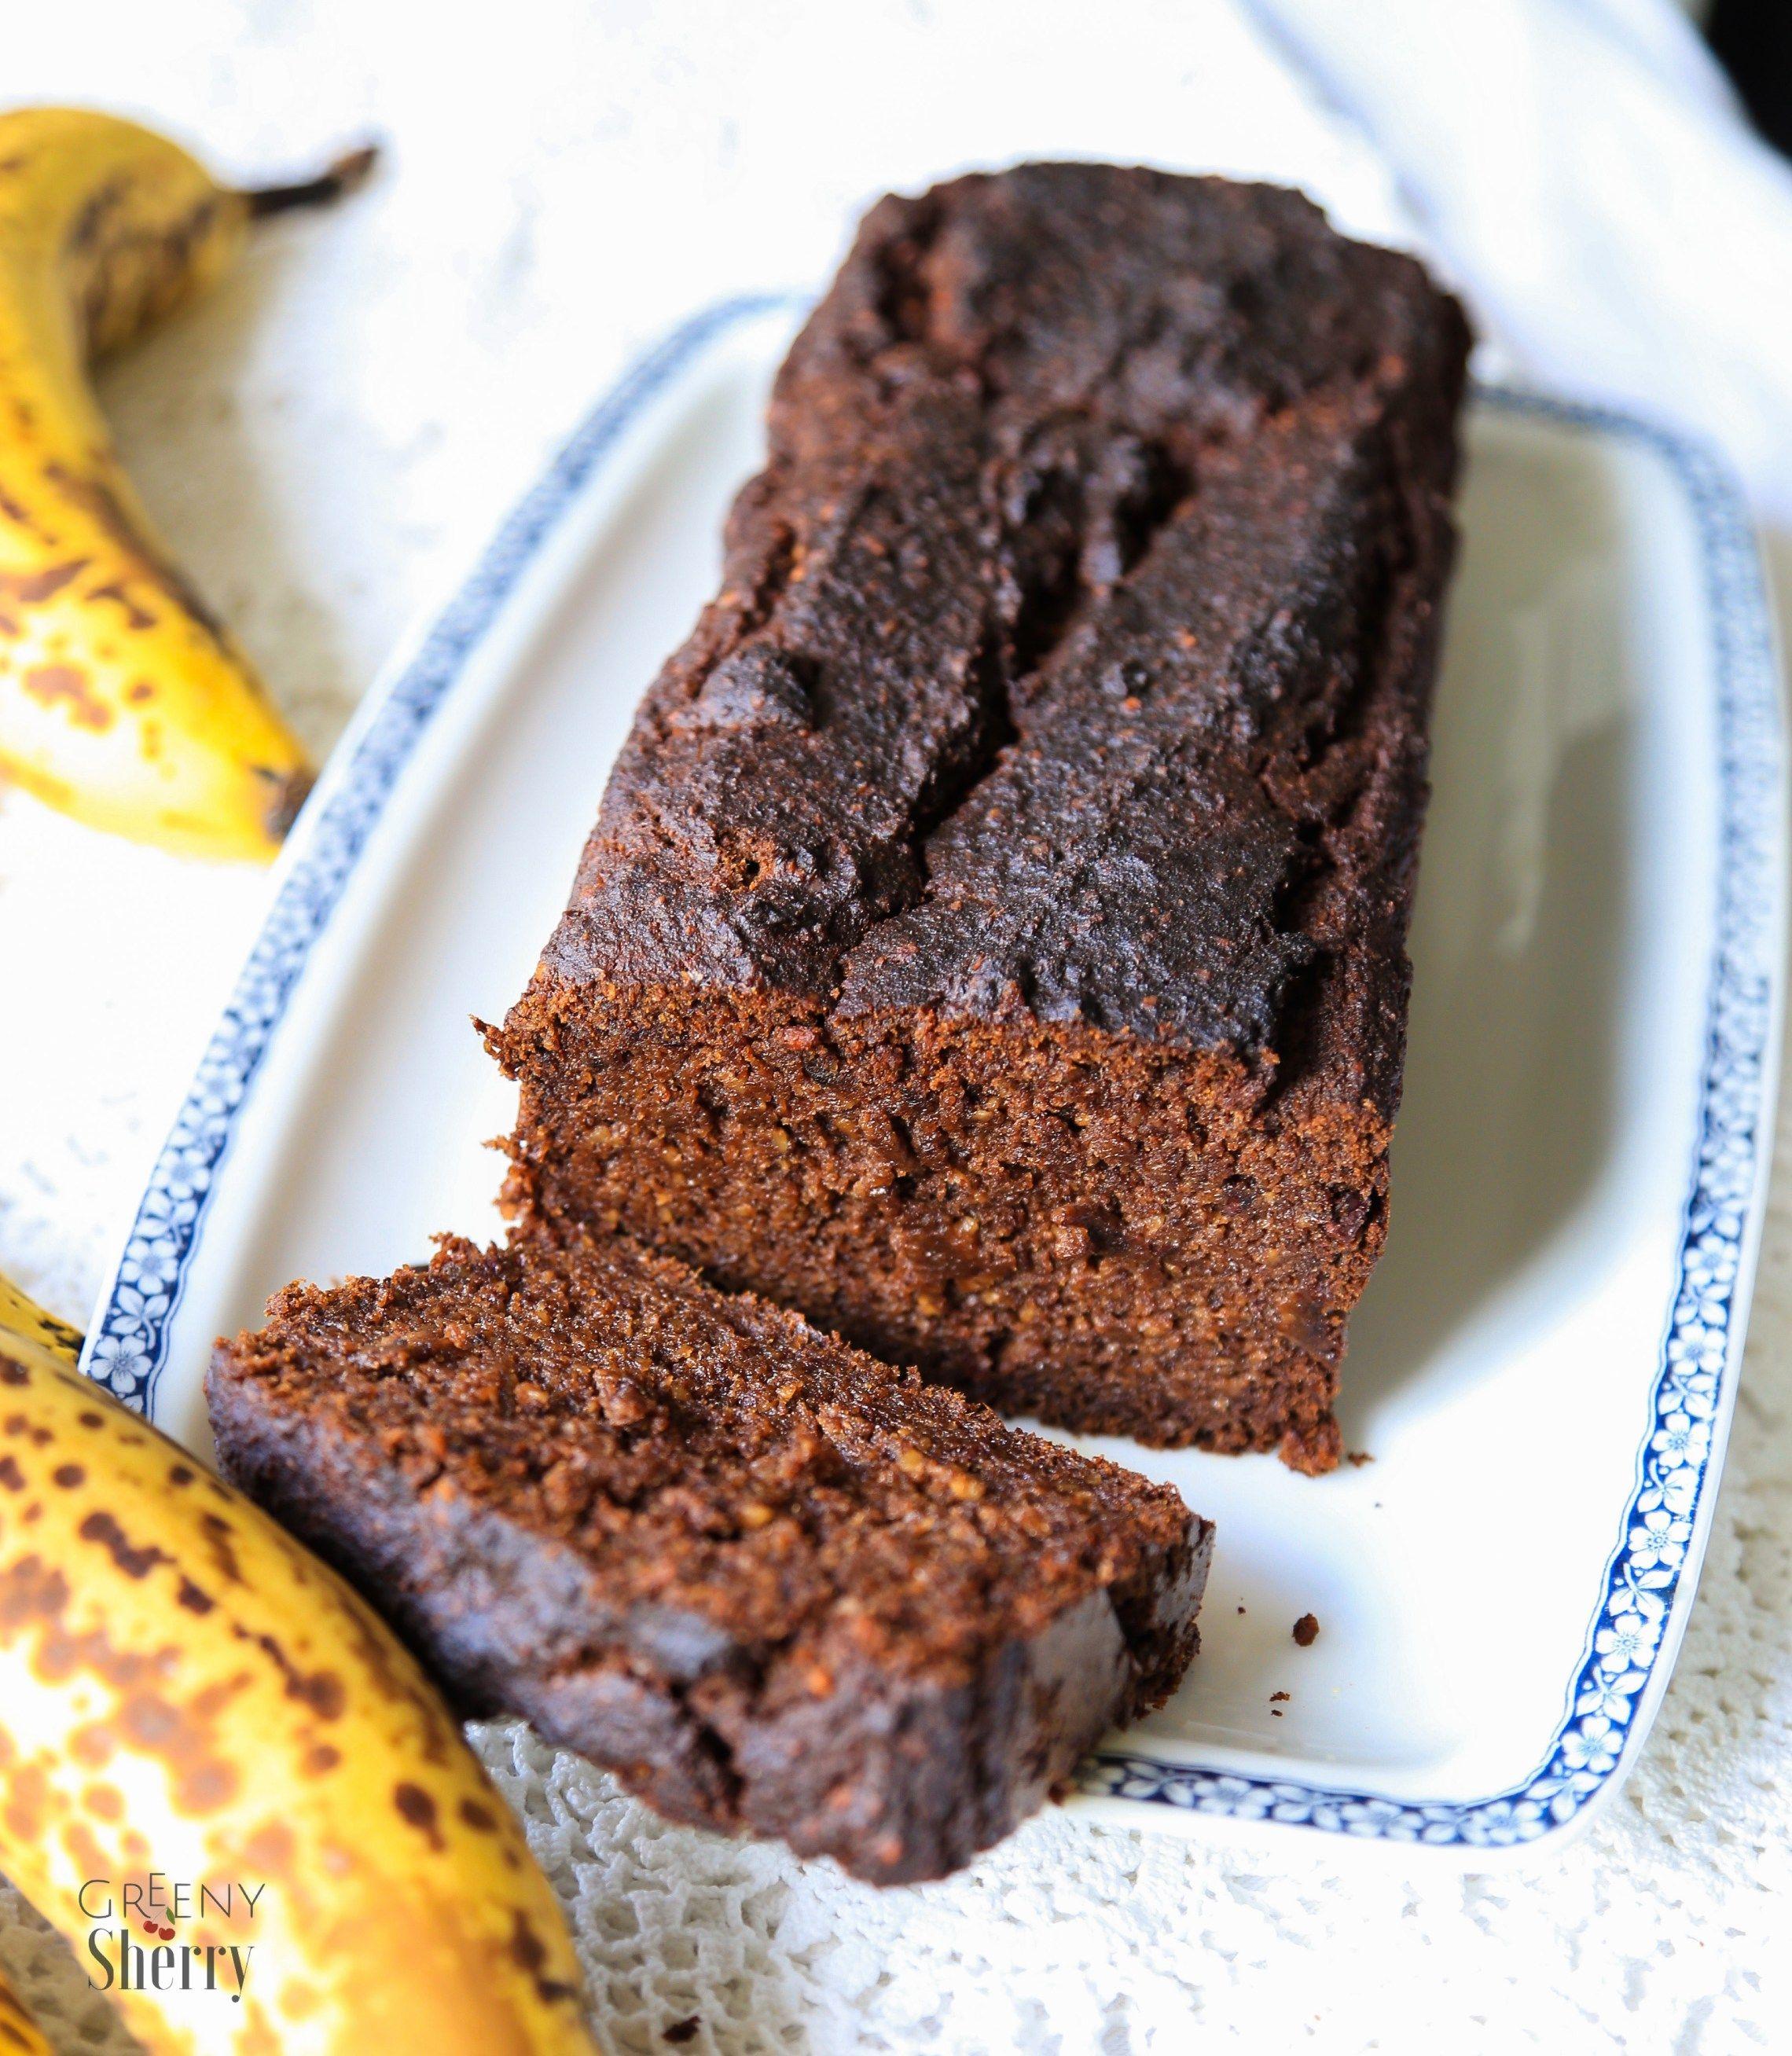 Saftiger Schokokuchen Aka Bananenbrot Vegan Glutenfrei Rezept Bananenbrot Glutenfrei Bananen Brot Und Bananenbrot